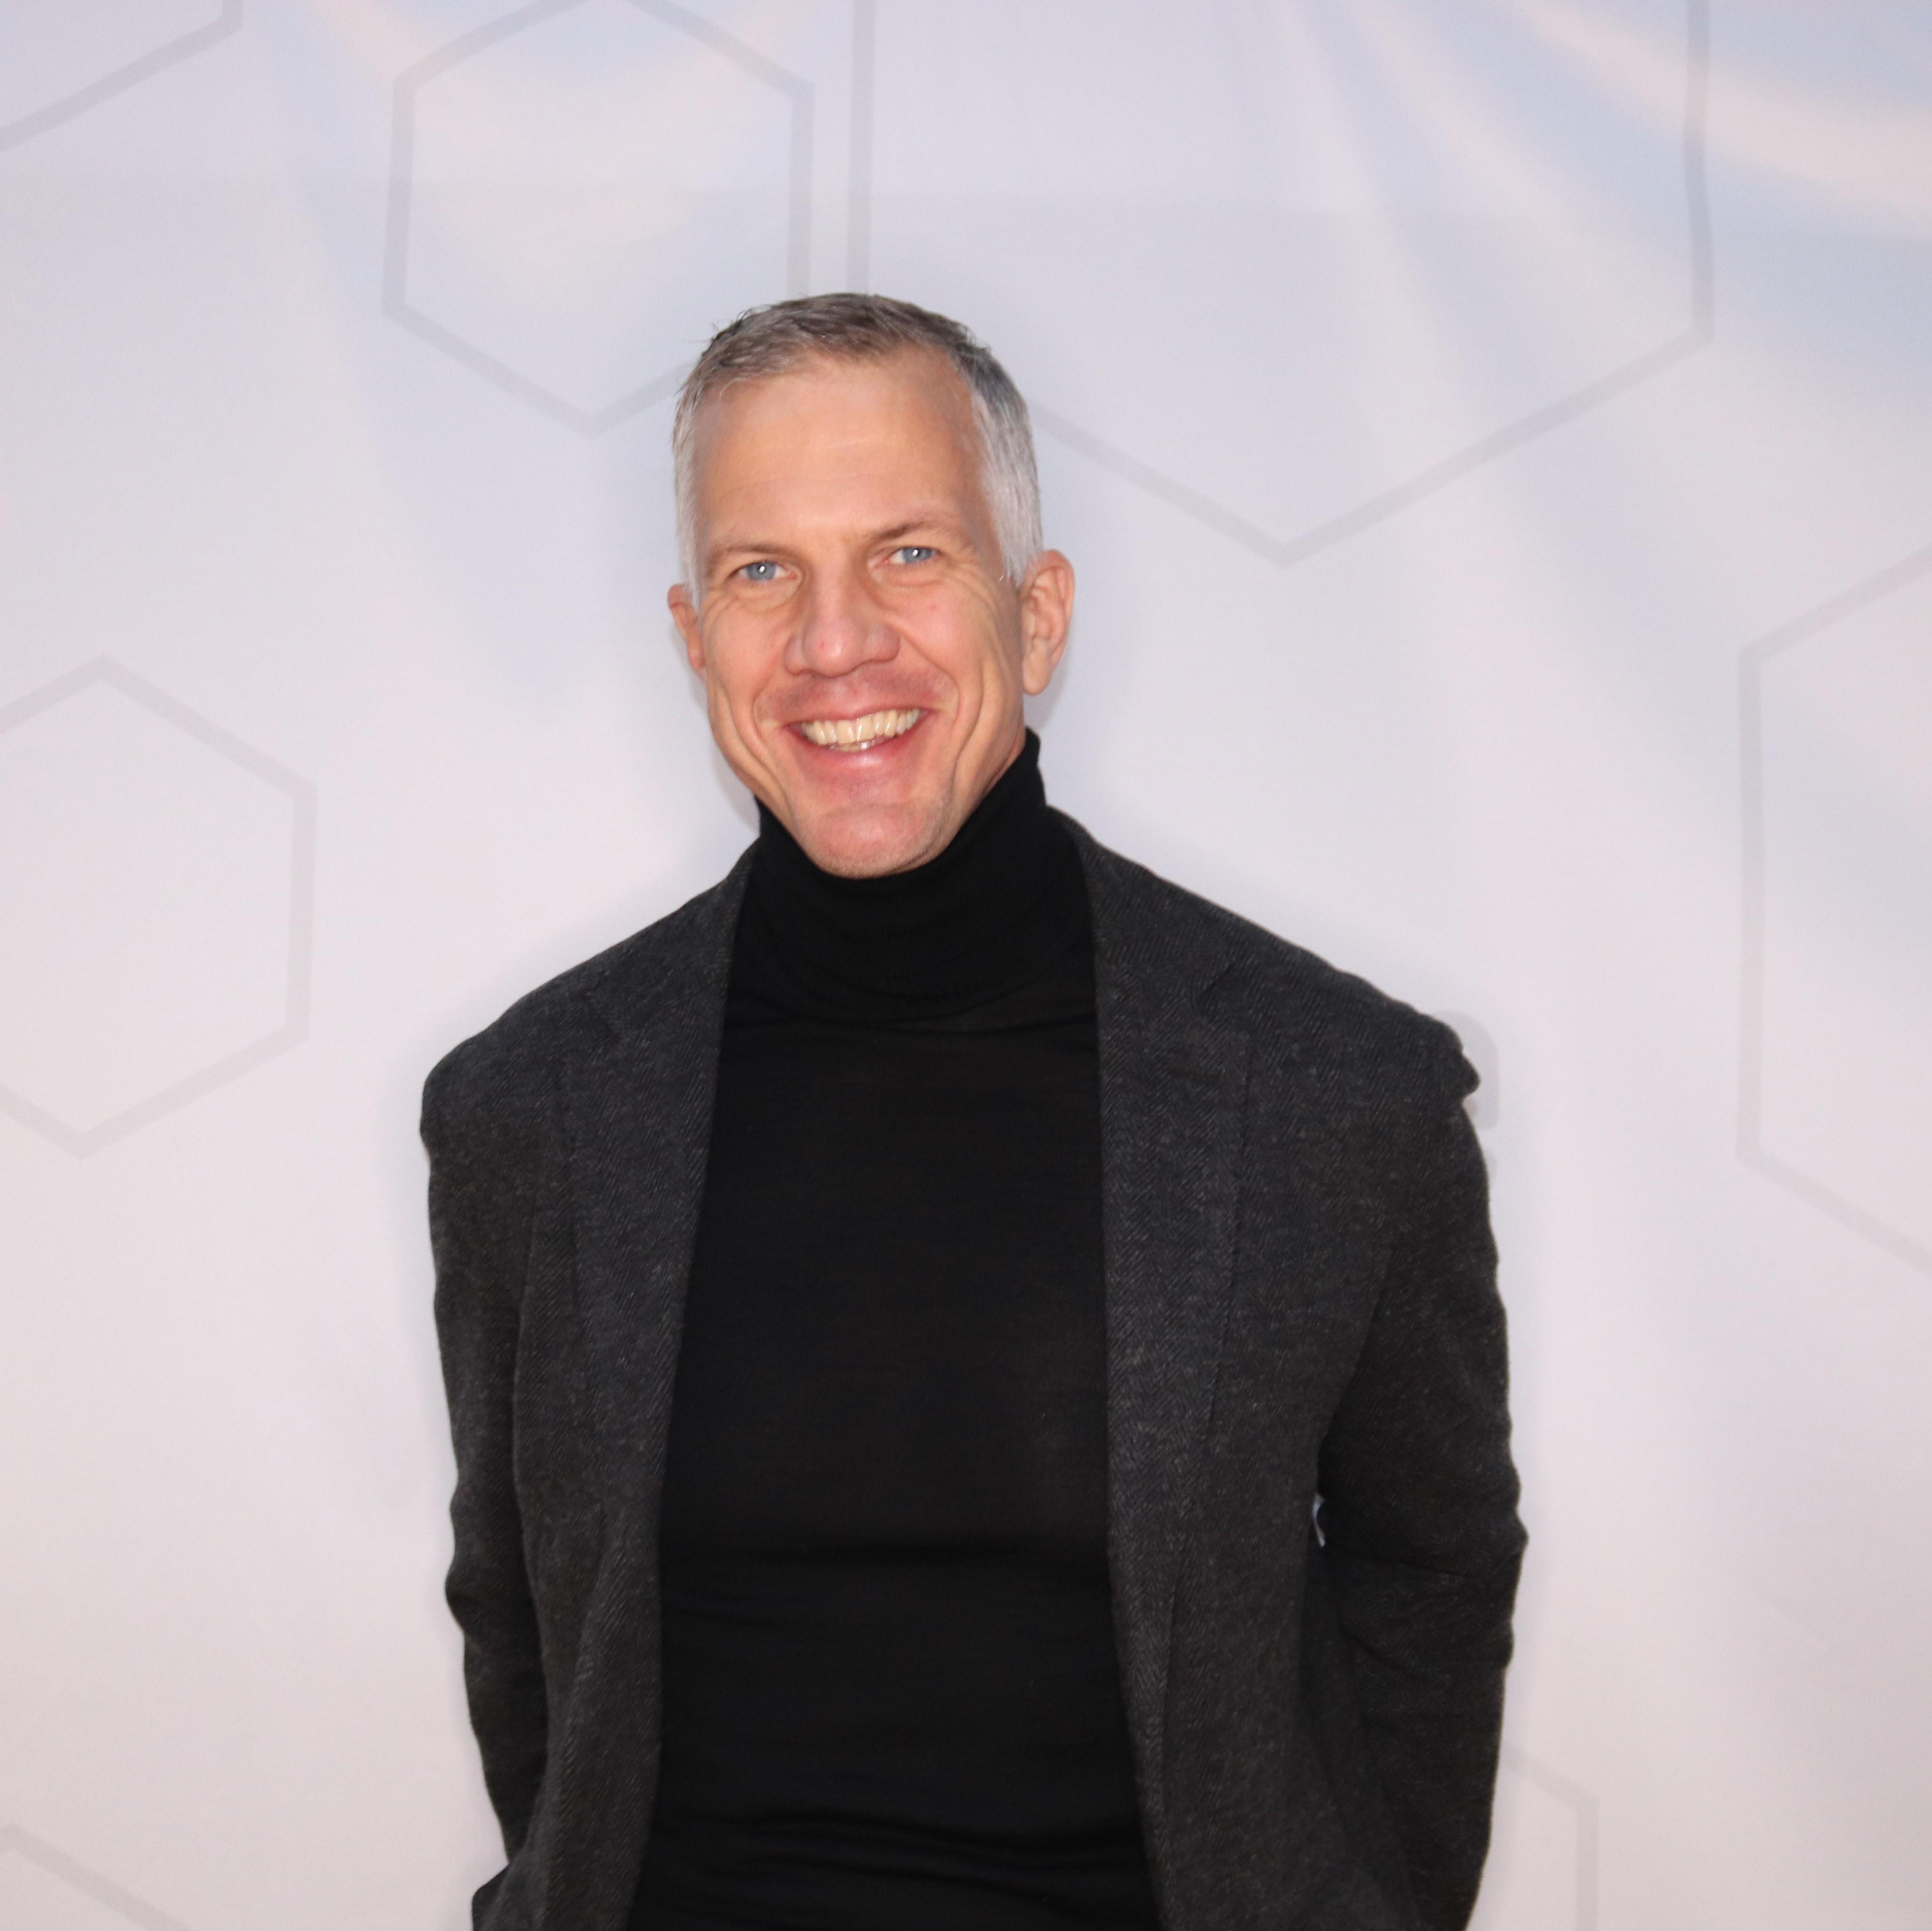 Martin Hilmersson